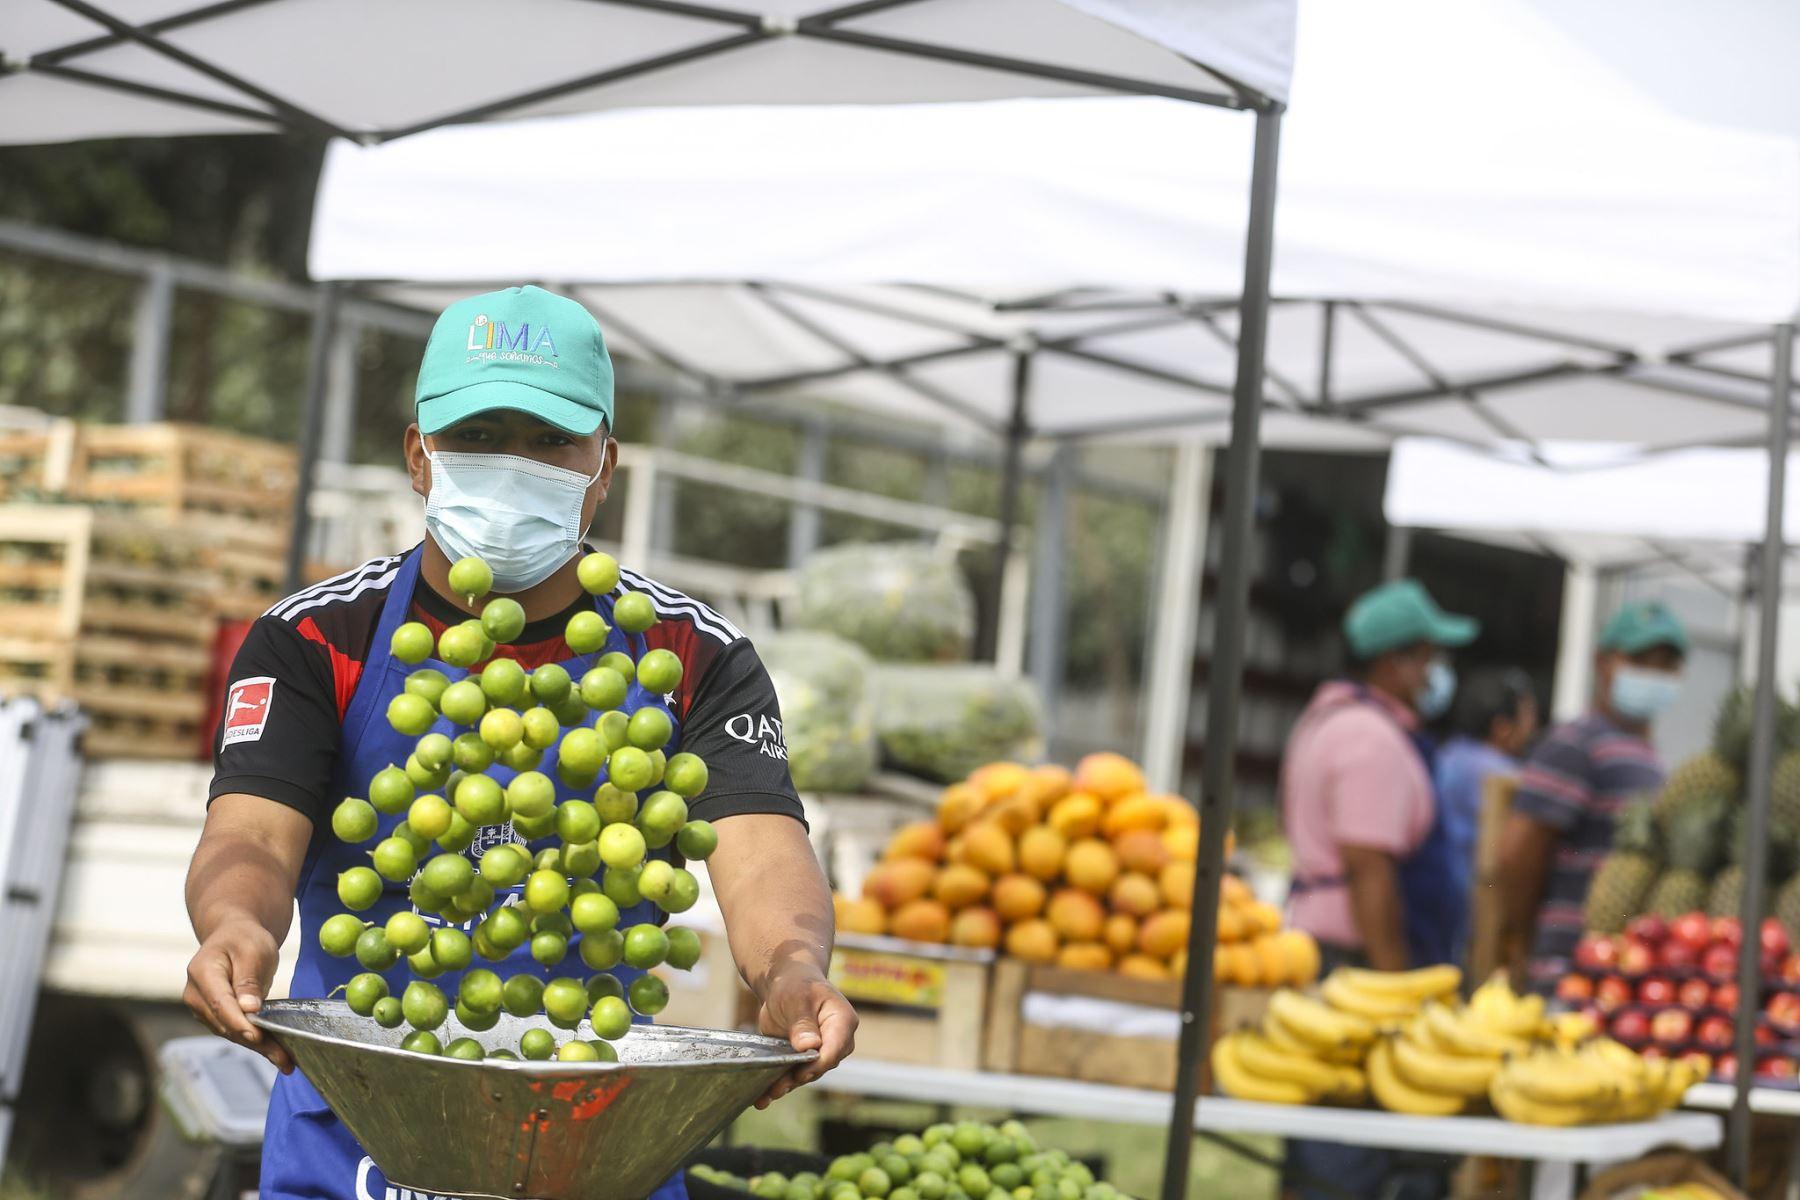 Municipalidad Metropolitana de Lima presenta mercado mayorista móvil en Los Olivos. Foto: MML